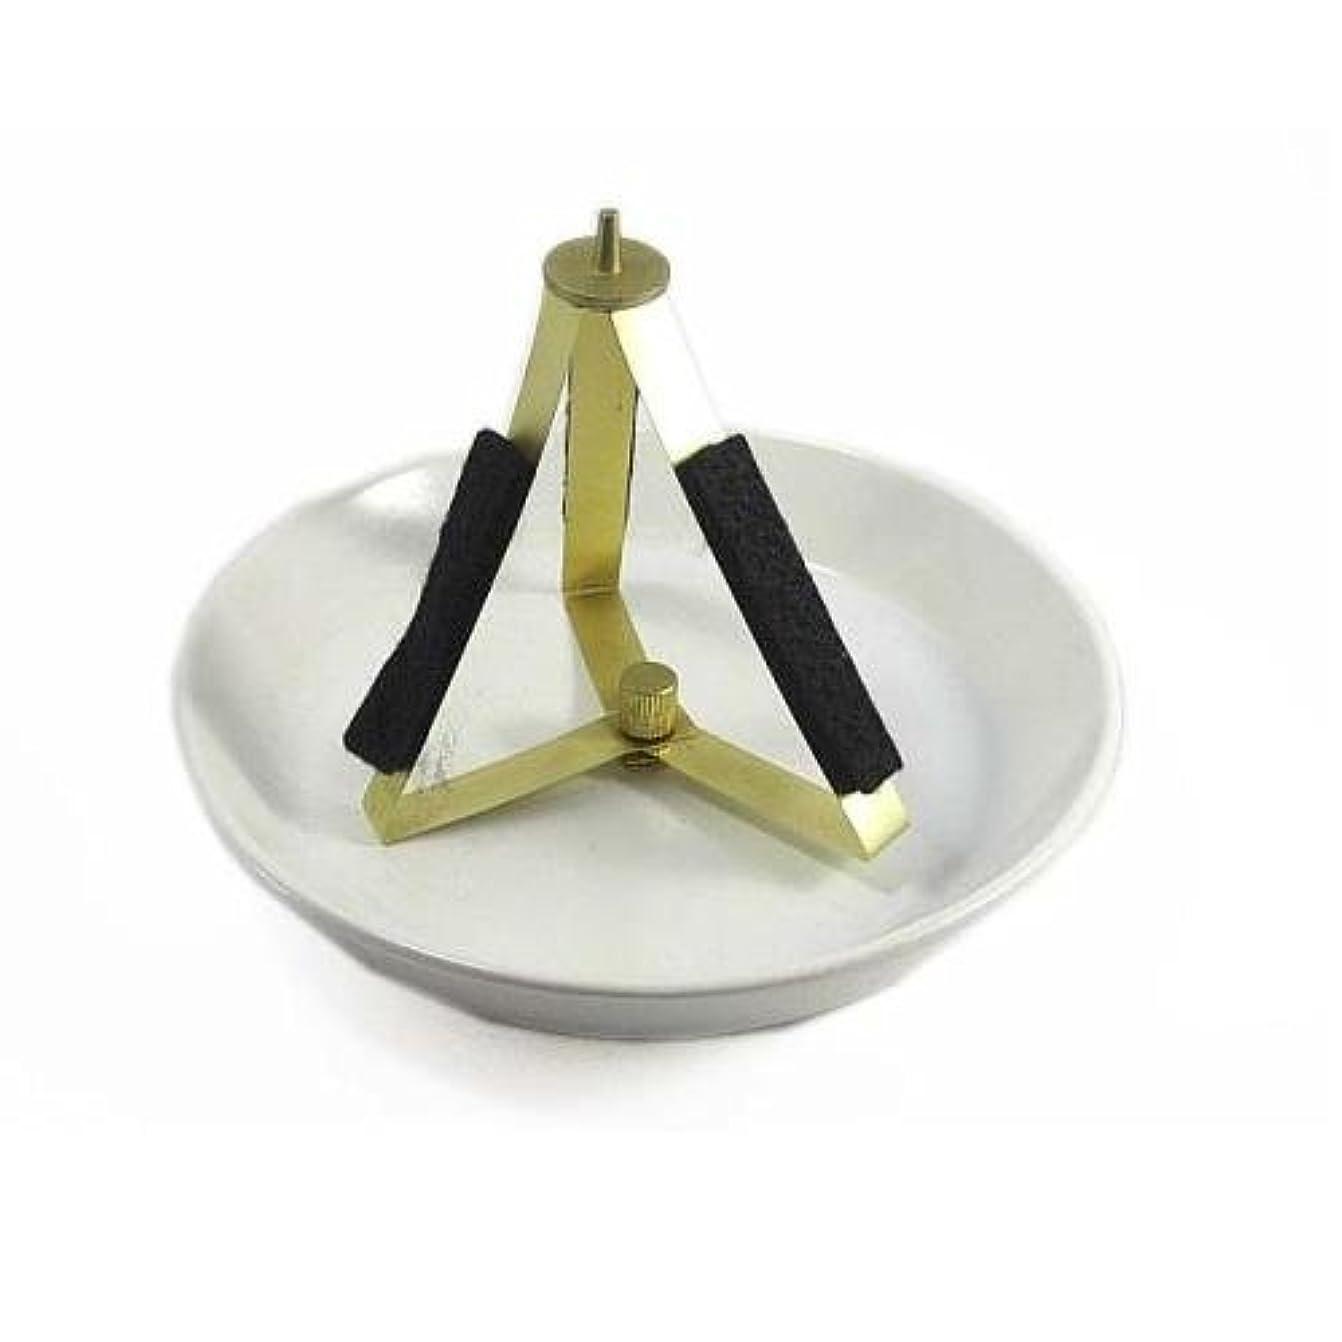 上院議員アーティキュレーションクリスチャンうずまき用陶製置き台 法喜